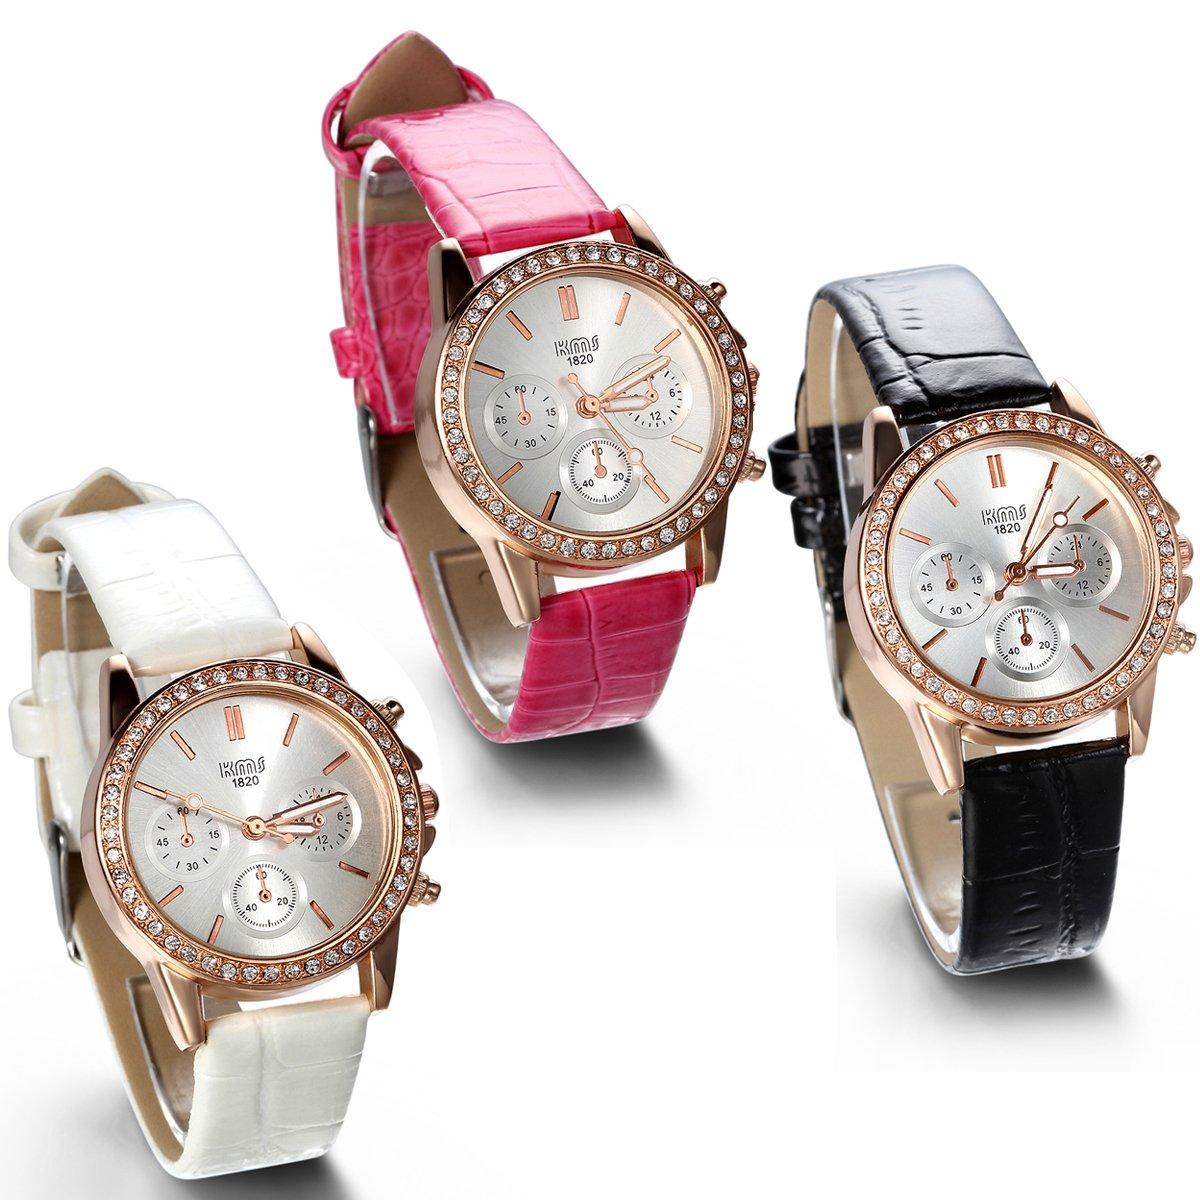 JewelryWe 3pcs Mujer Lujo Redondo Rhinestones Decoración de dos botón falsos 6 correa de piel Relojes de mano para mujer: Amazon.es: Relojes